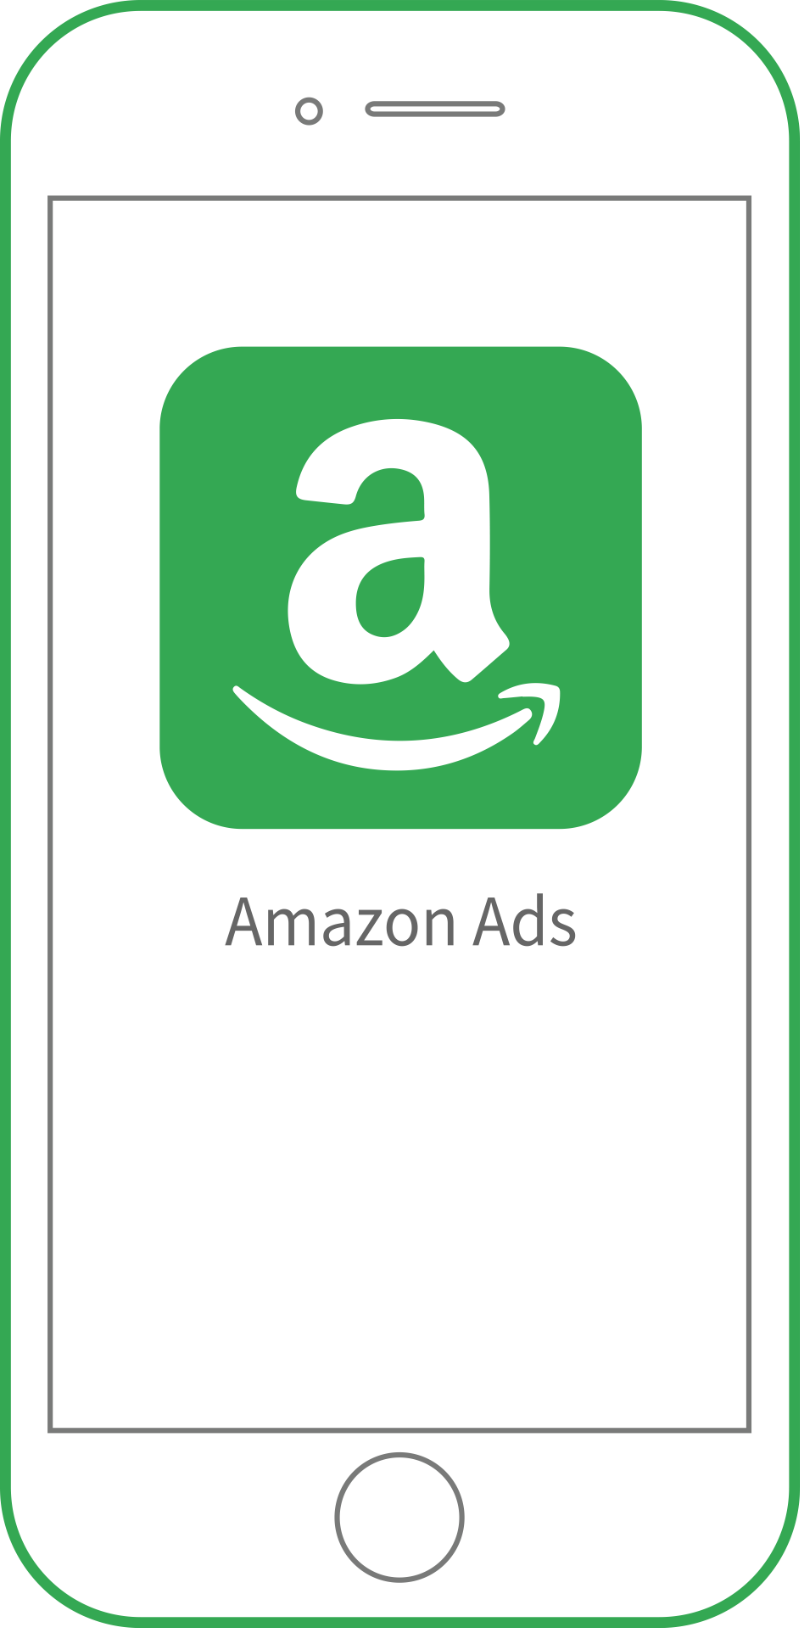 Campañas de Amazon Ads